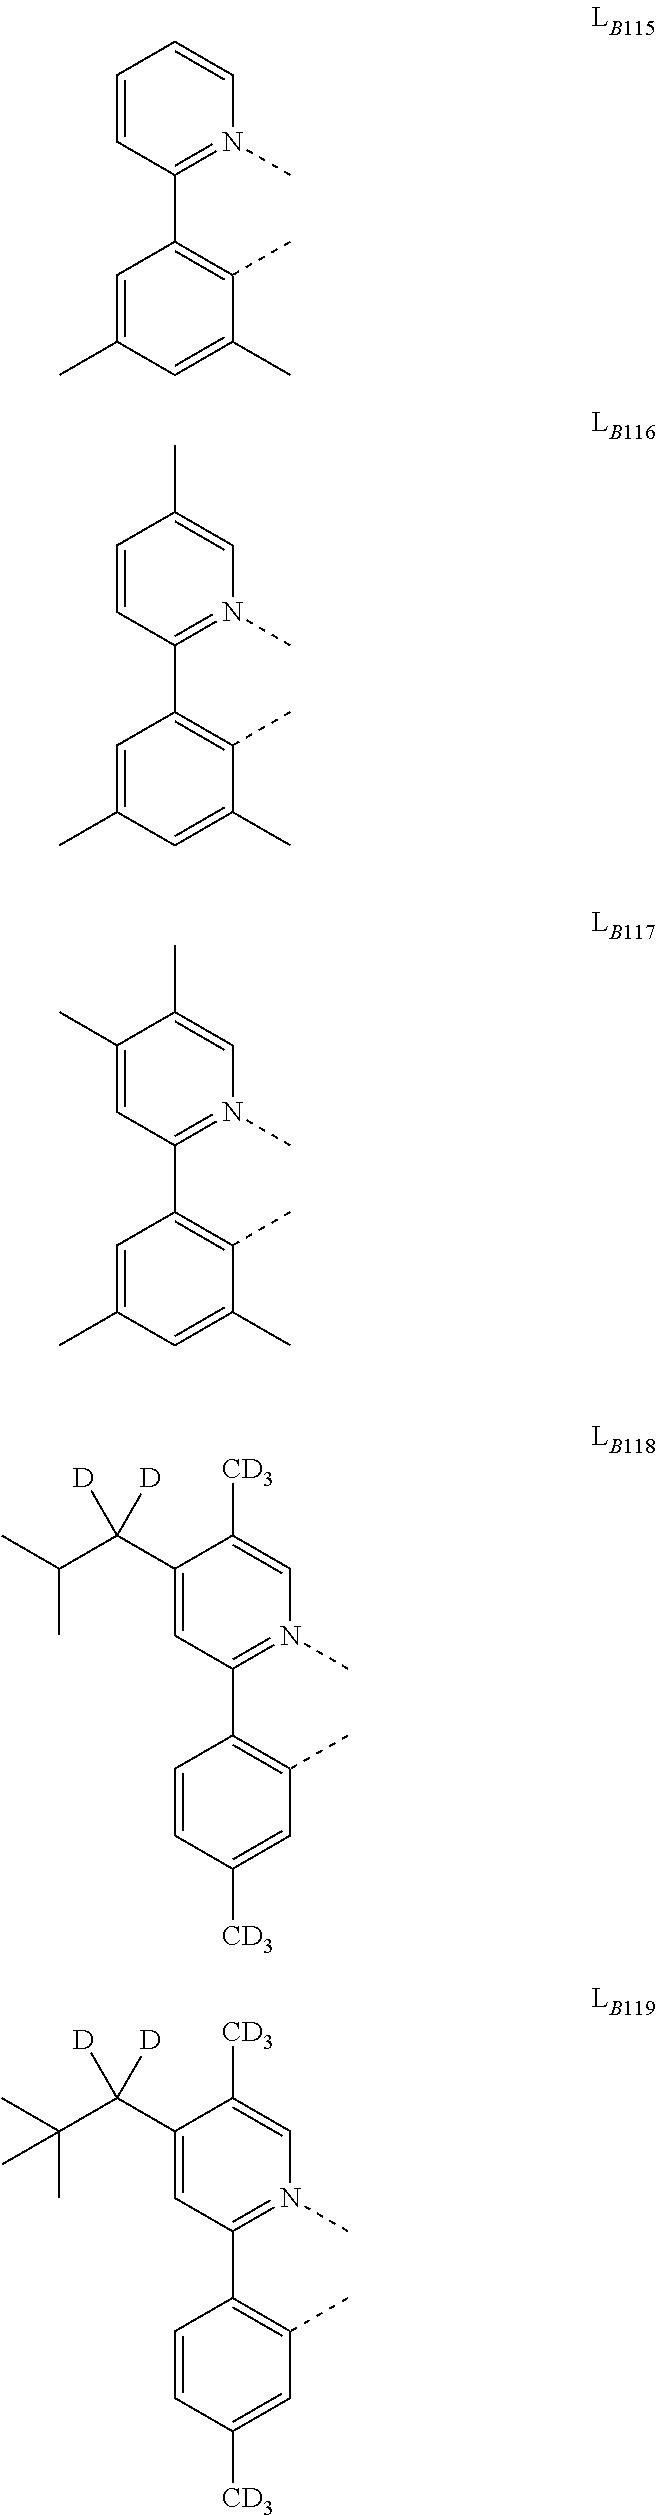 Figure US09929360-20180327-C00239